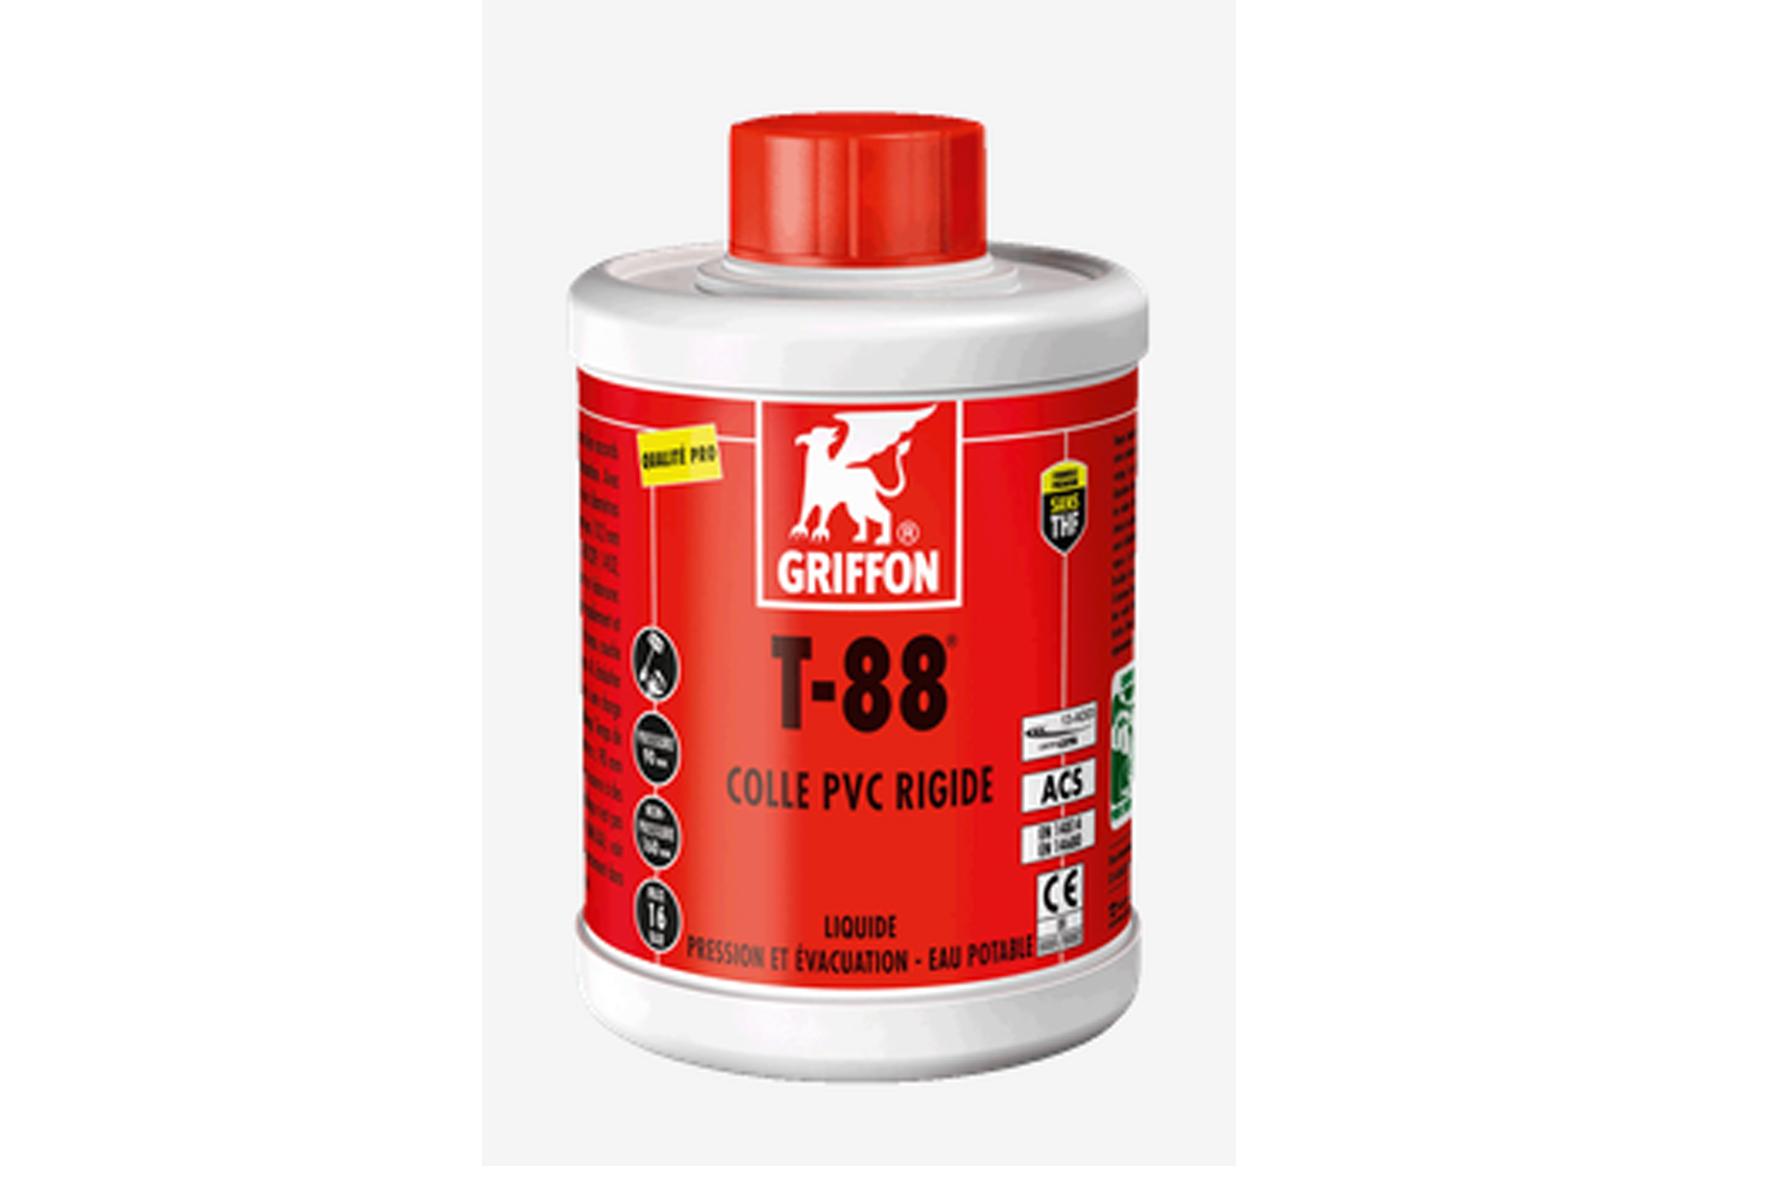 Colle pvc griffon t88 achat en ligne ou dans notre magasin for Colle pour fenetre pvc